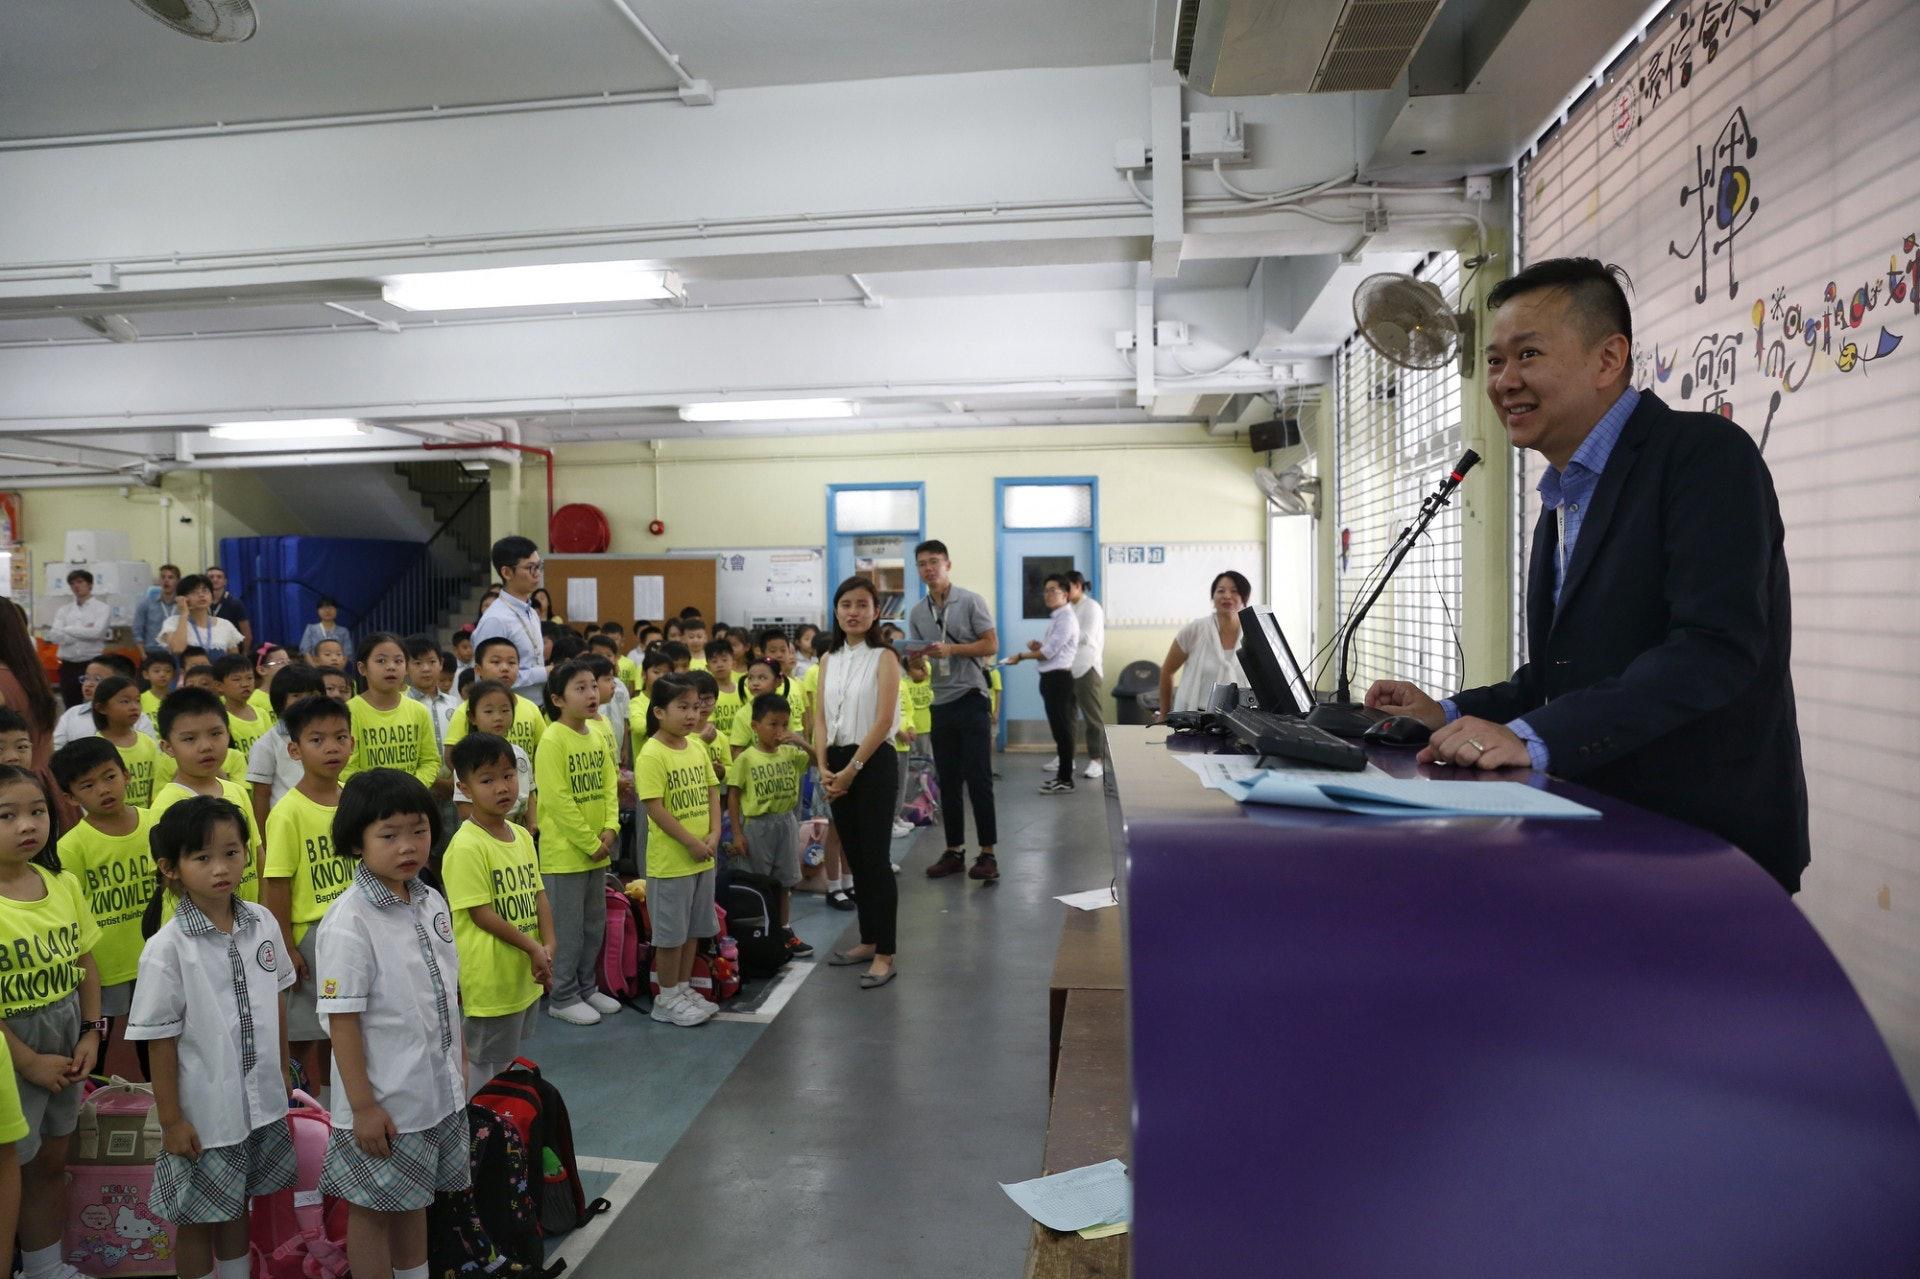 馮耀章在宣布生日福利時,學生們均顯得十分雀躍。(張浩維攝)